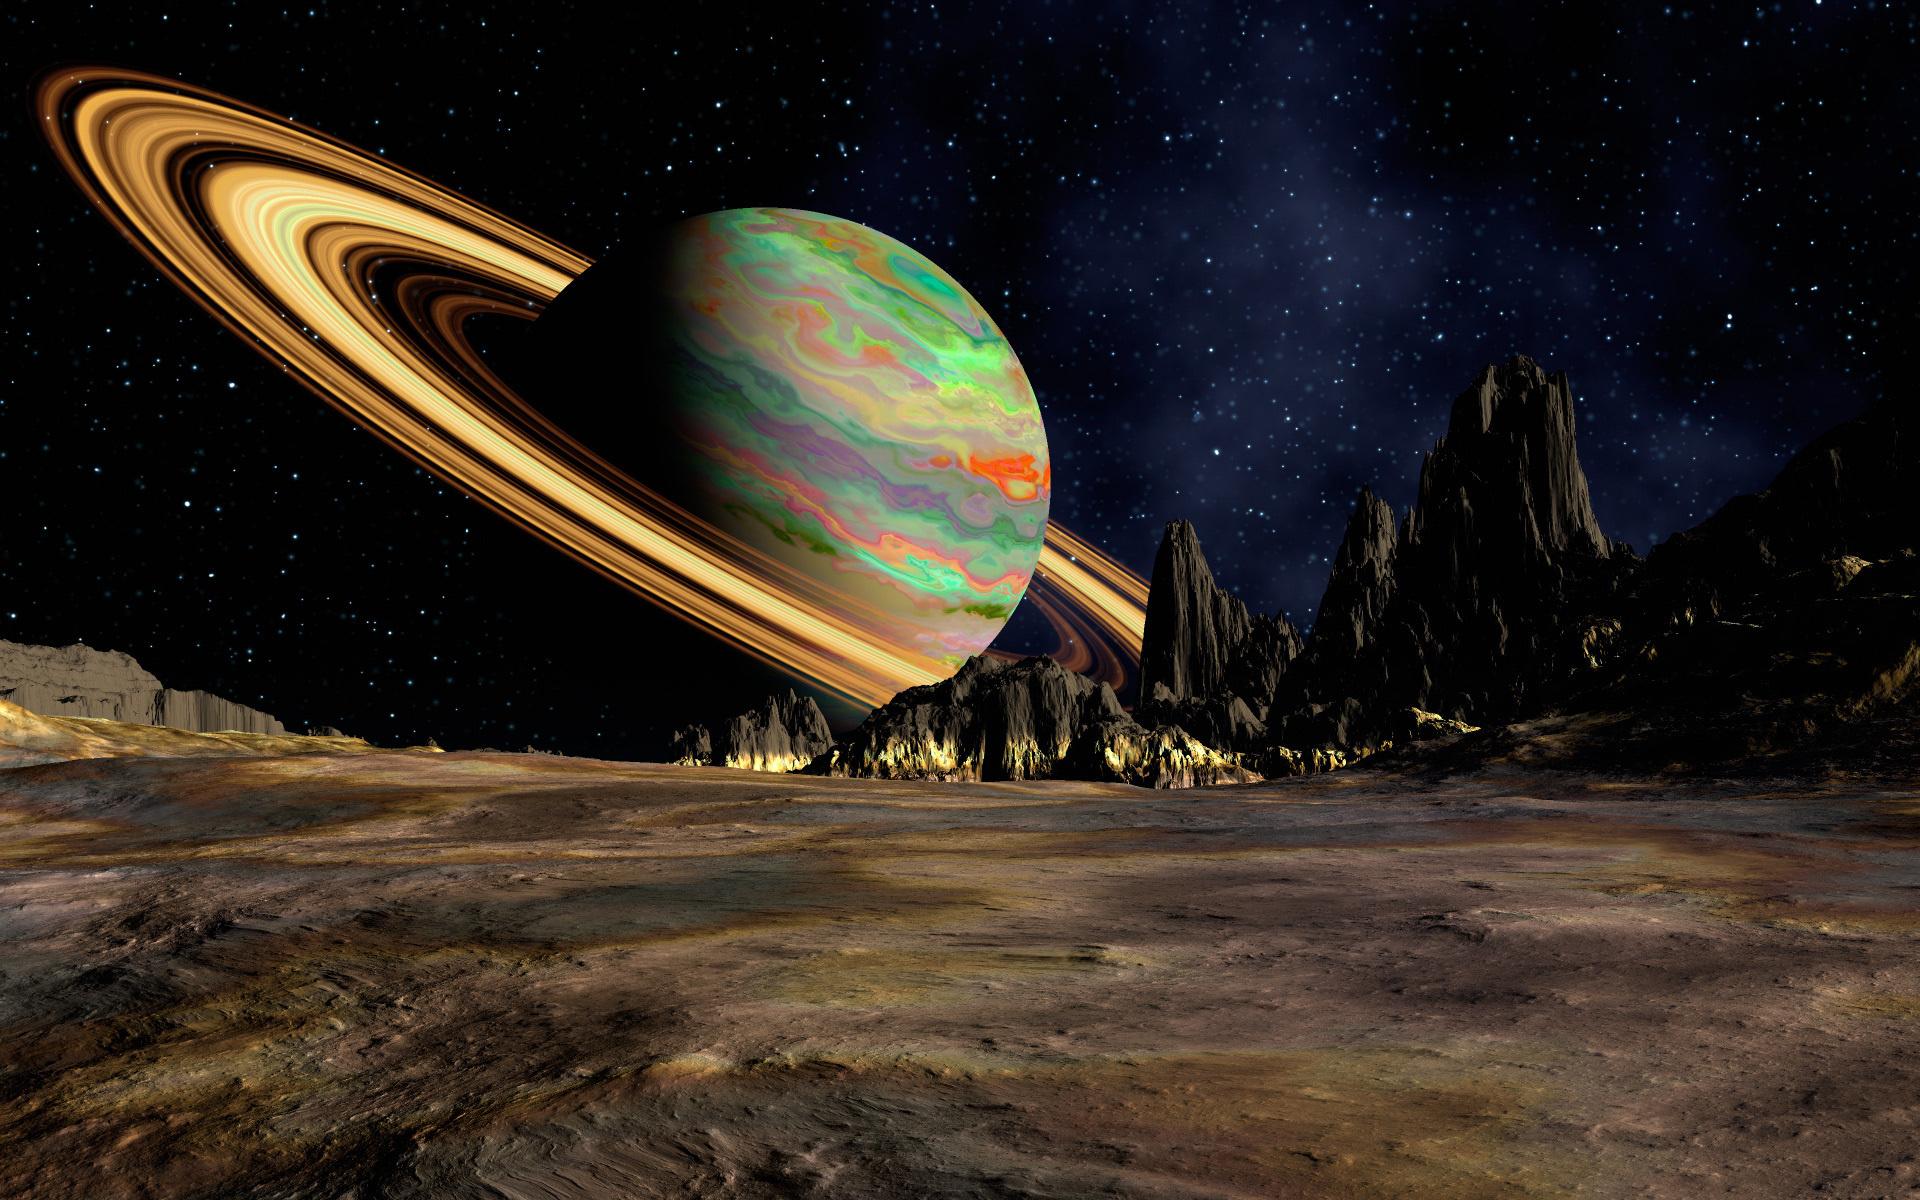 зеркальным смотреть картинки других планет вещи